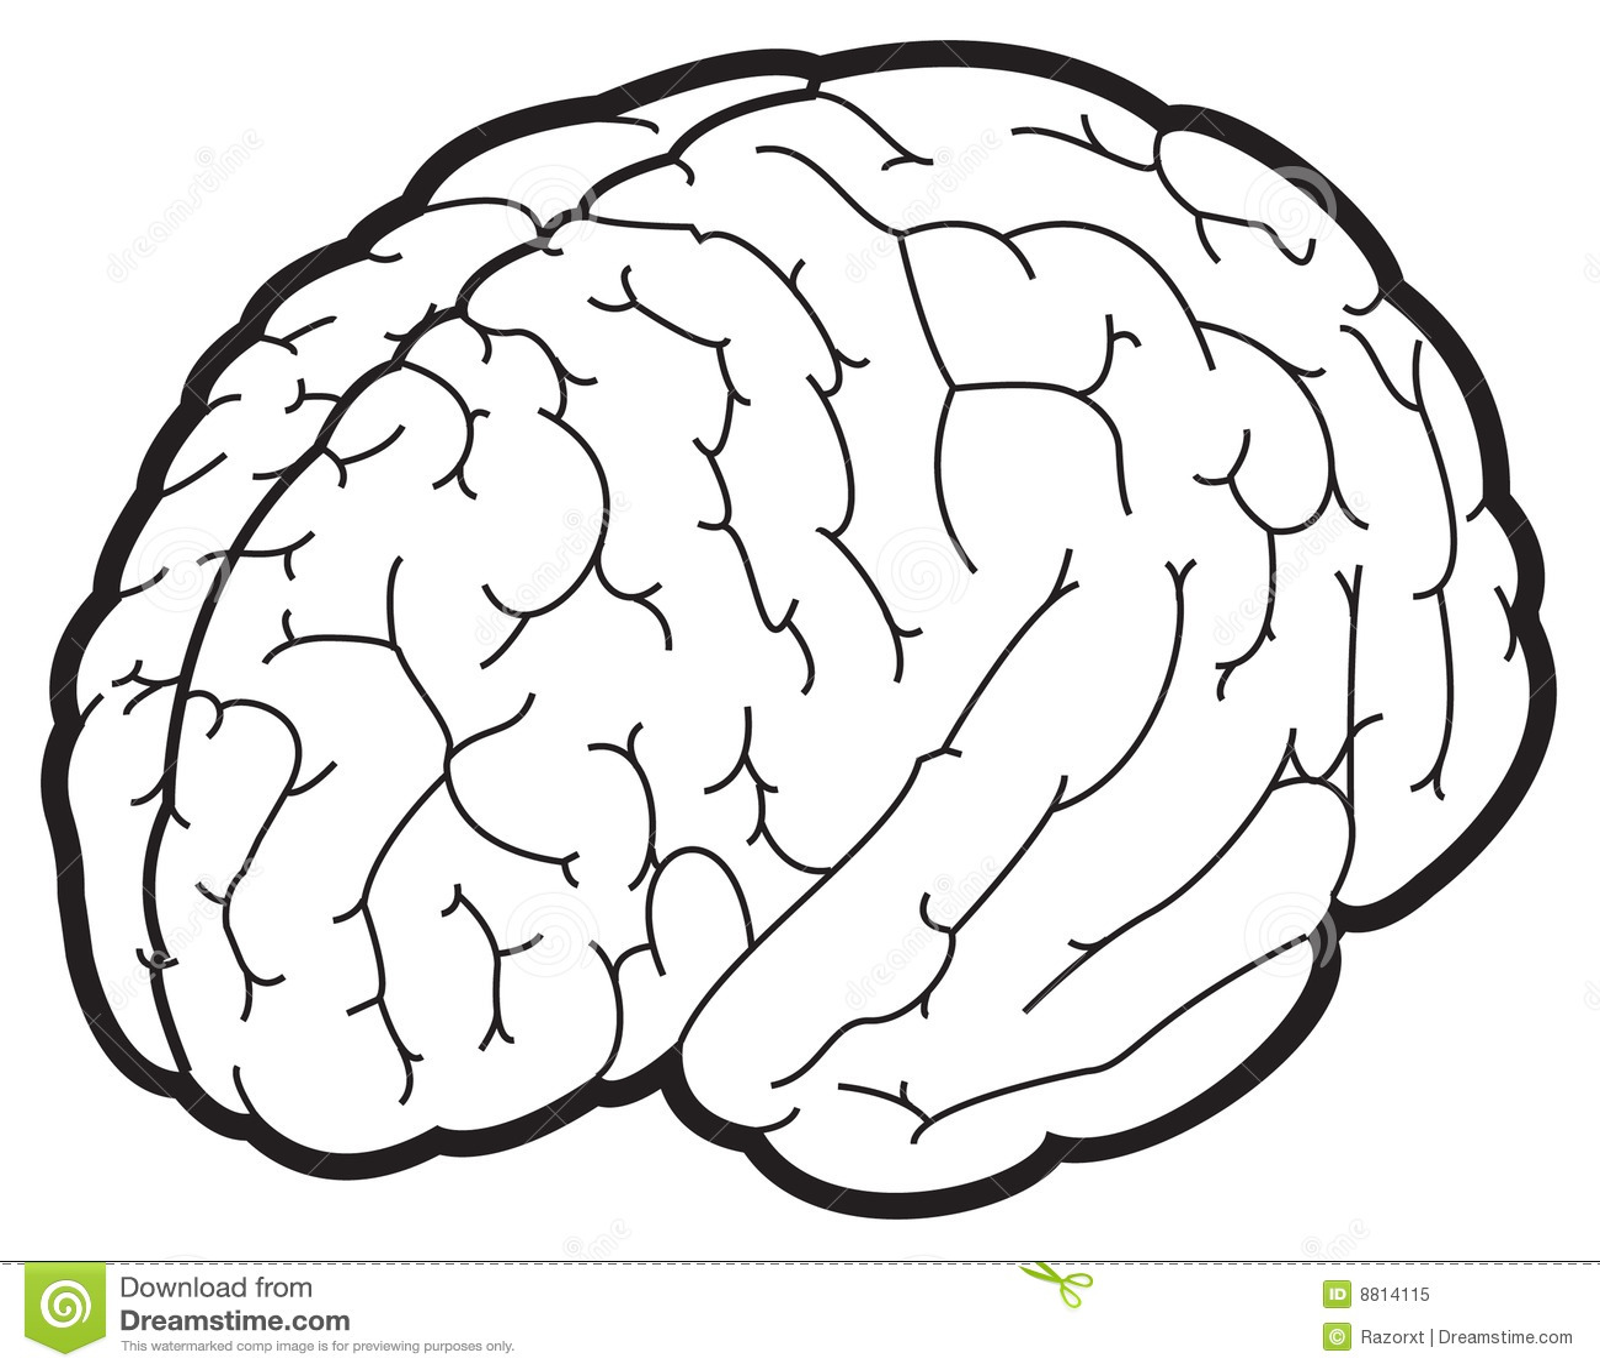 Illustratie Van Hersenen Vector Illustratie Illustratie